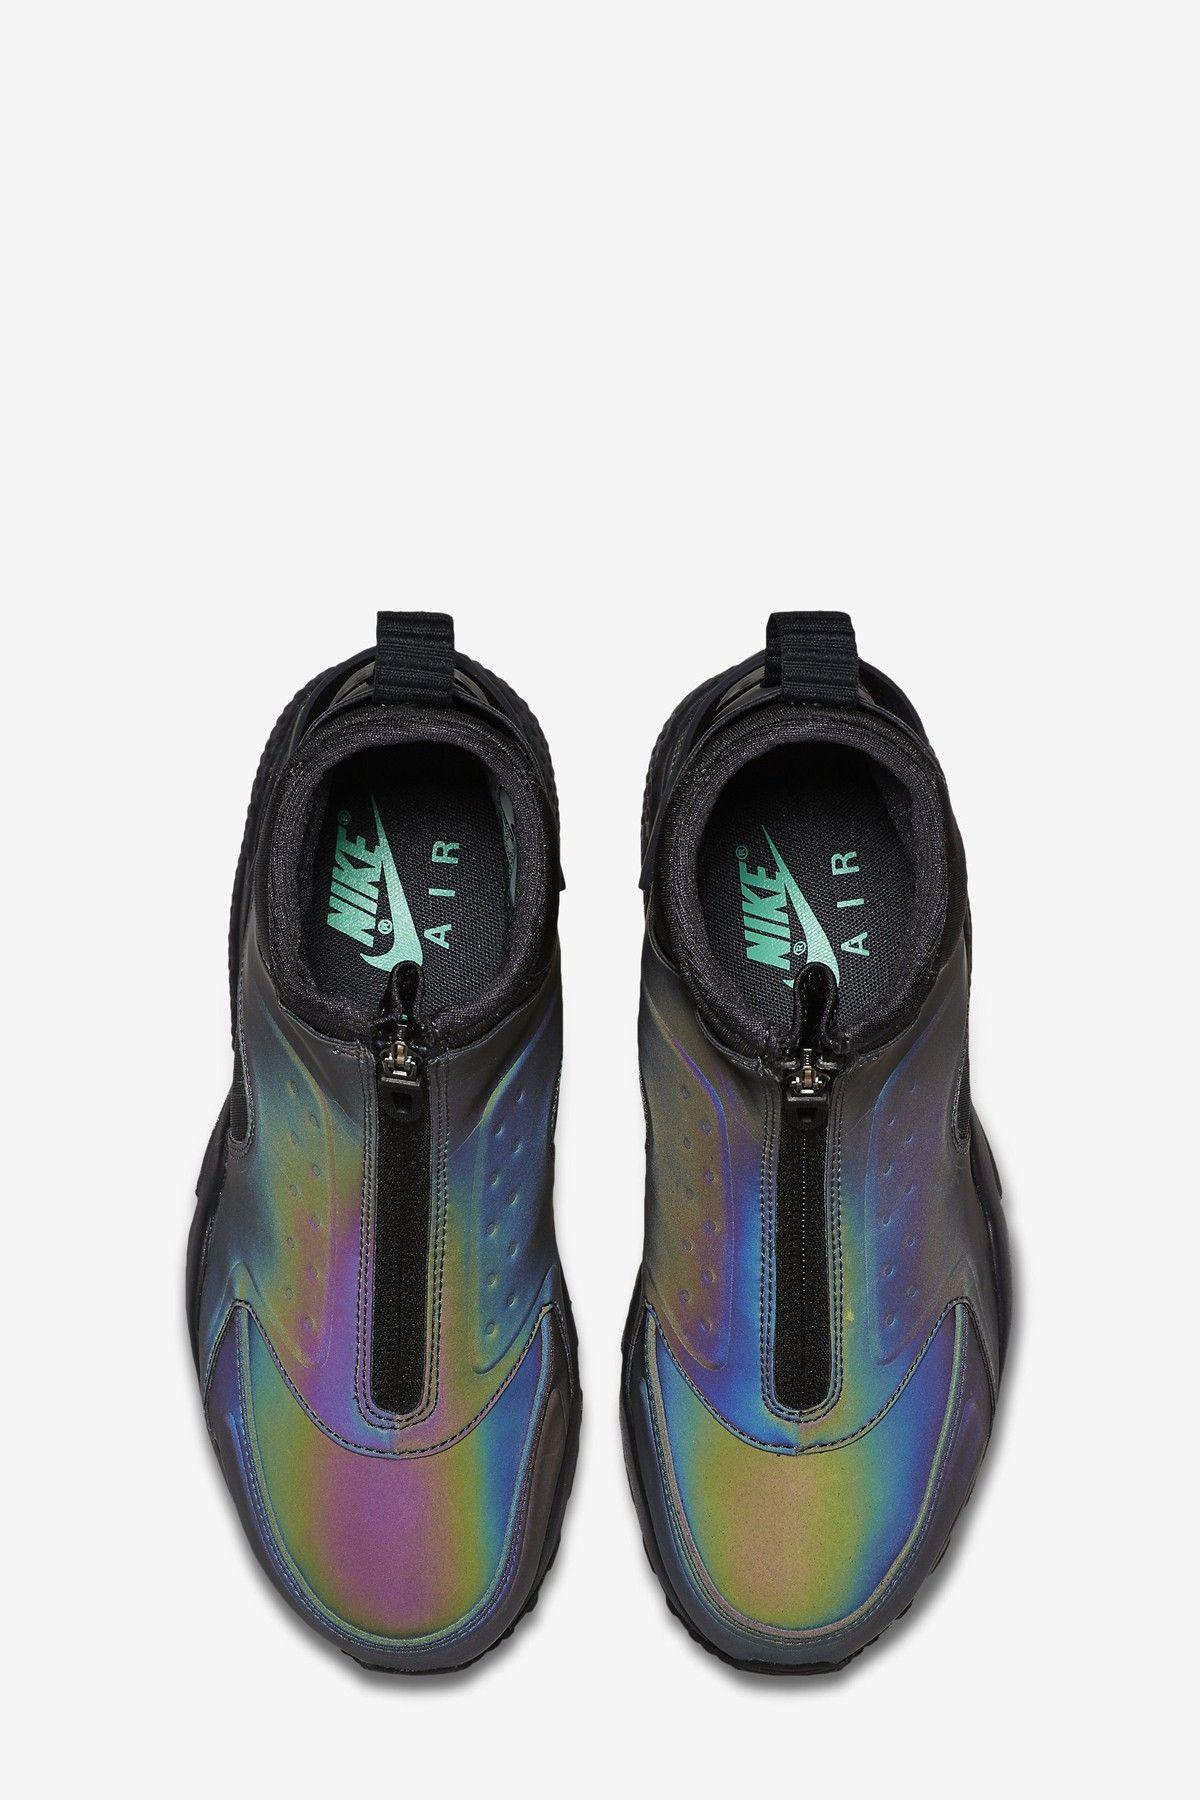 separation shoes 381fc adfff Nike Air Womens Air Huarache Run Mid Prm Sneaker Boots